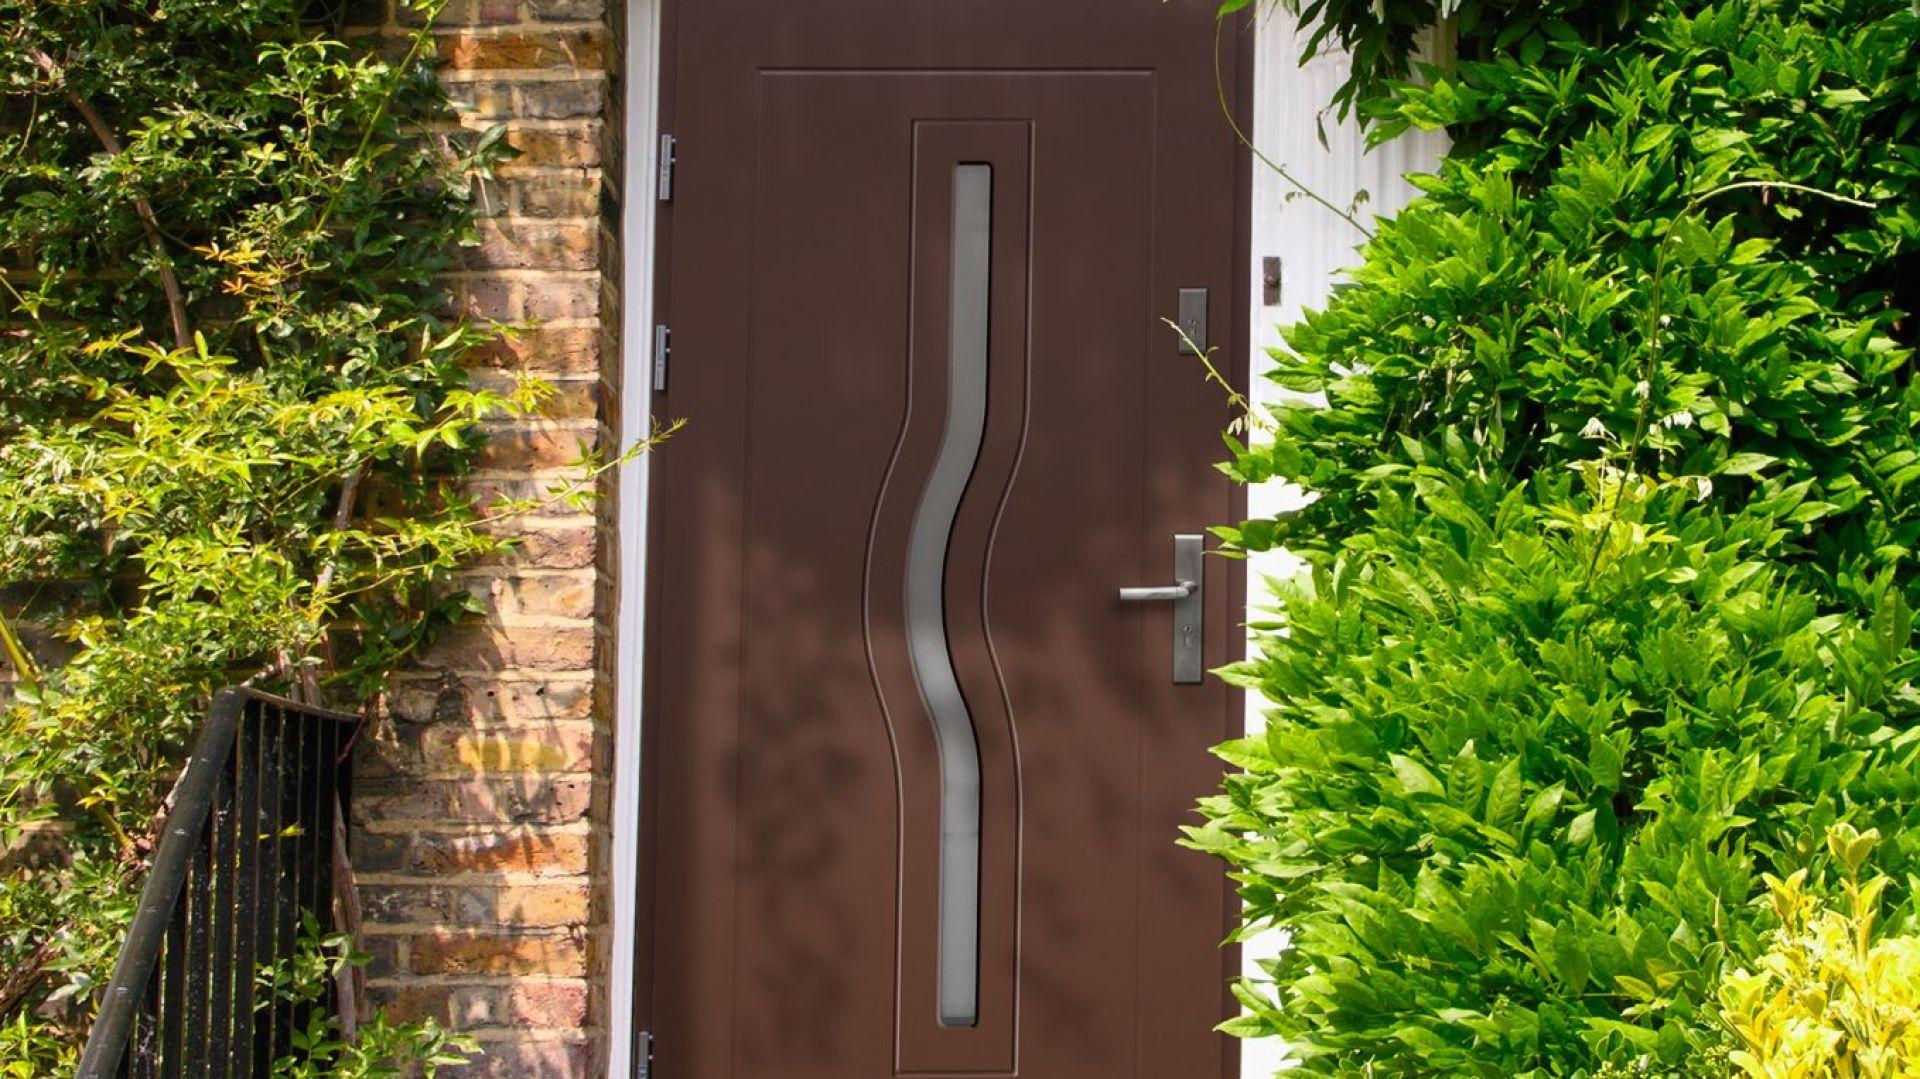 Drewniane drzwi wejściowe Termopanel  model Herkules. Fot. 4iQ